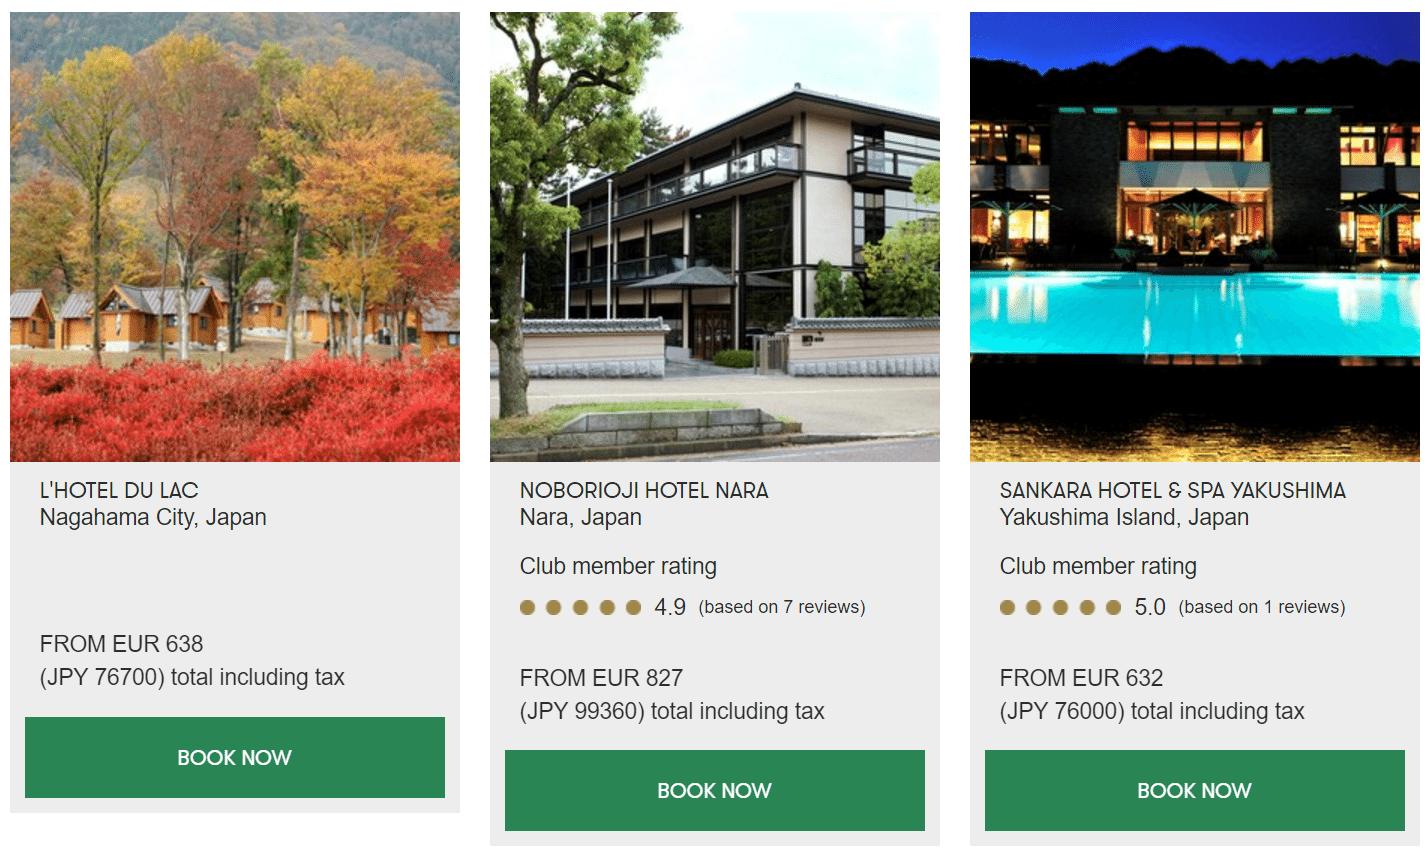 Slh preise japan 2 for Slh hotels deutschland